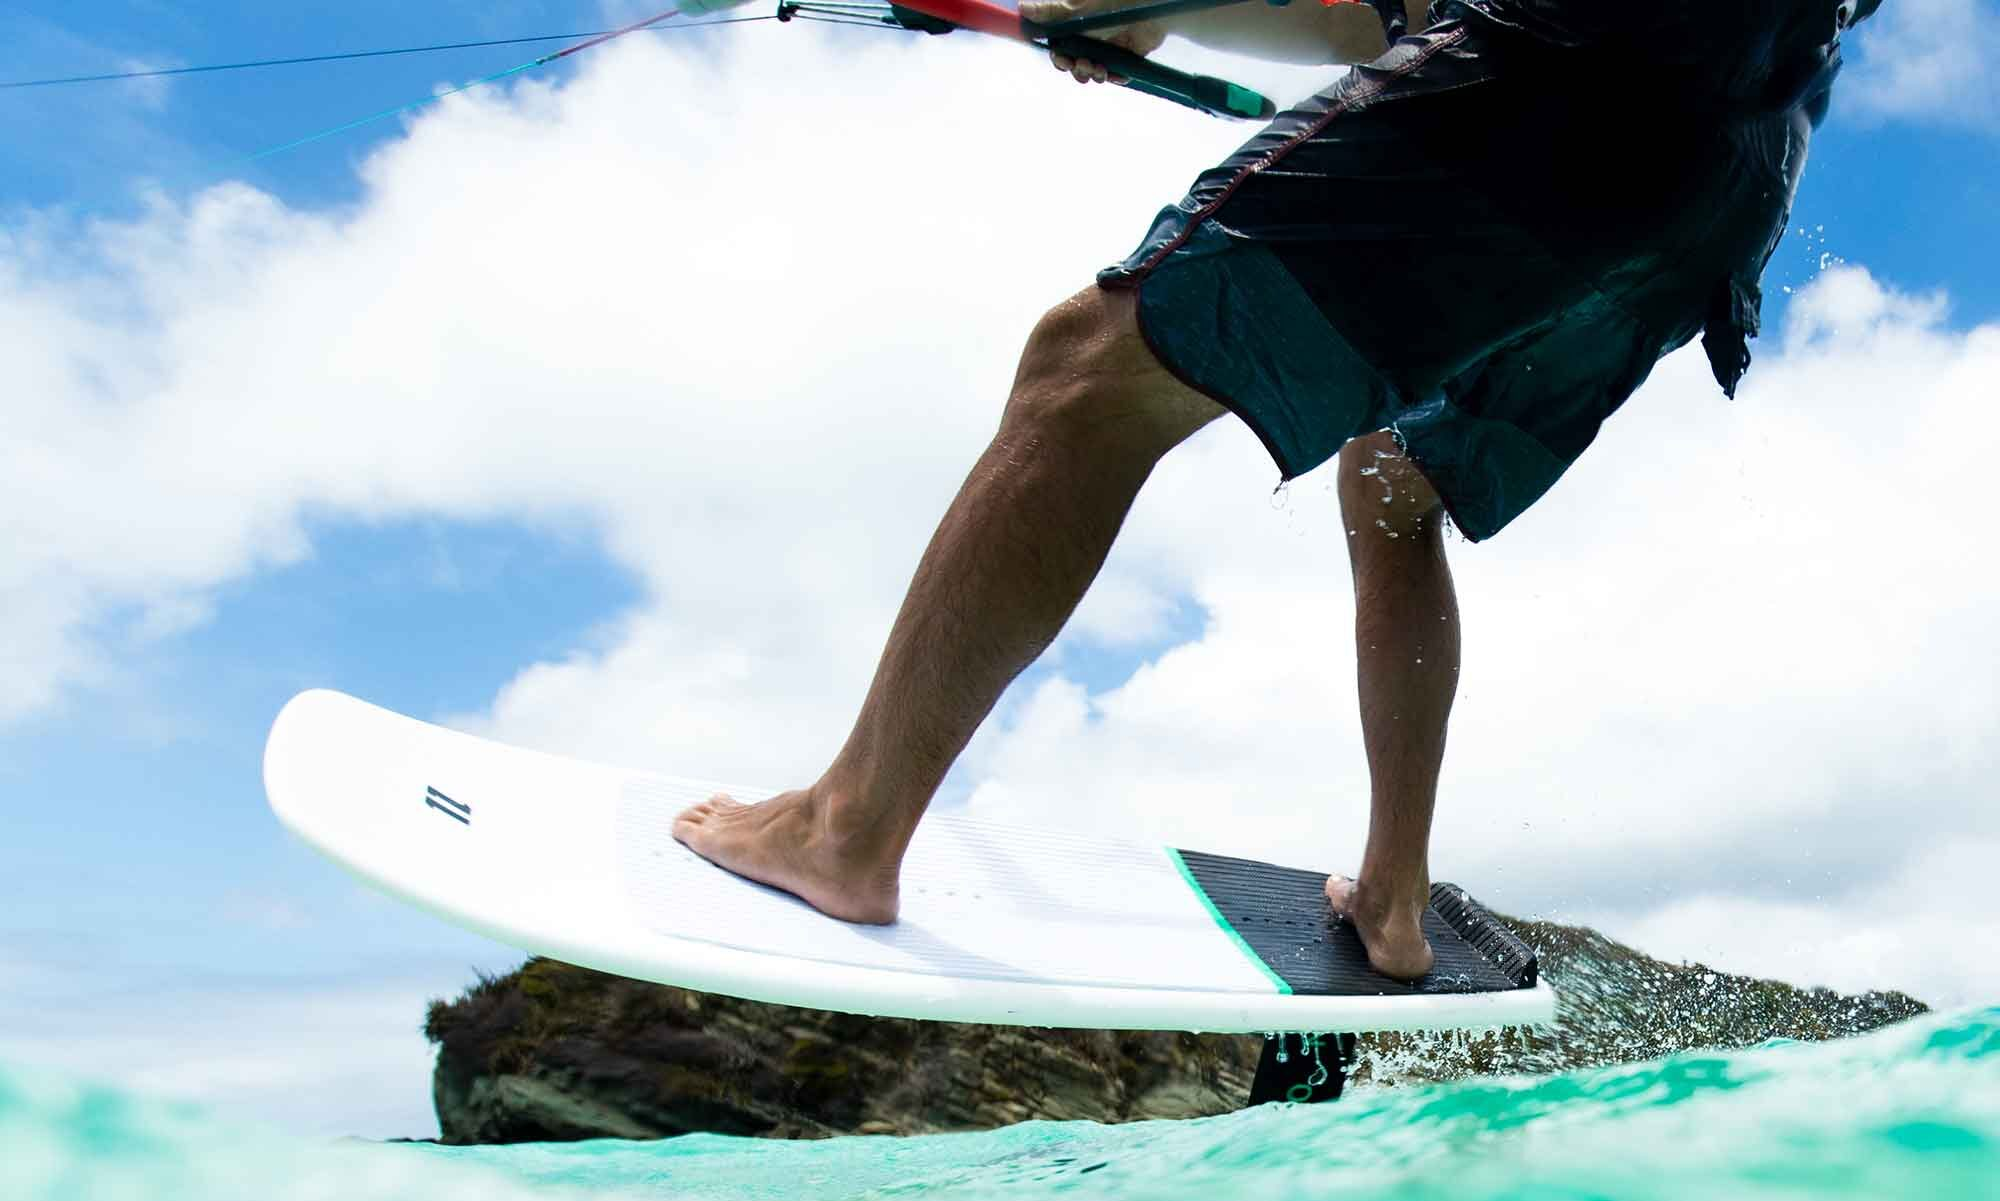 Köp all utrustning för kitesurf, vågsurf, SUP i vår webbshop | kitekalle.se